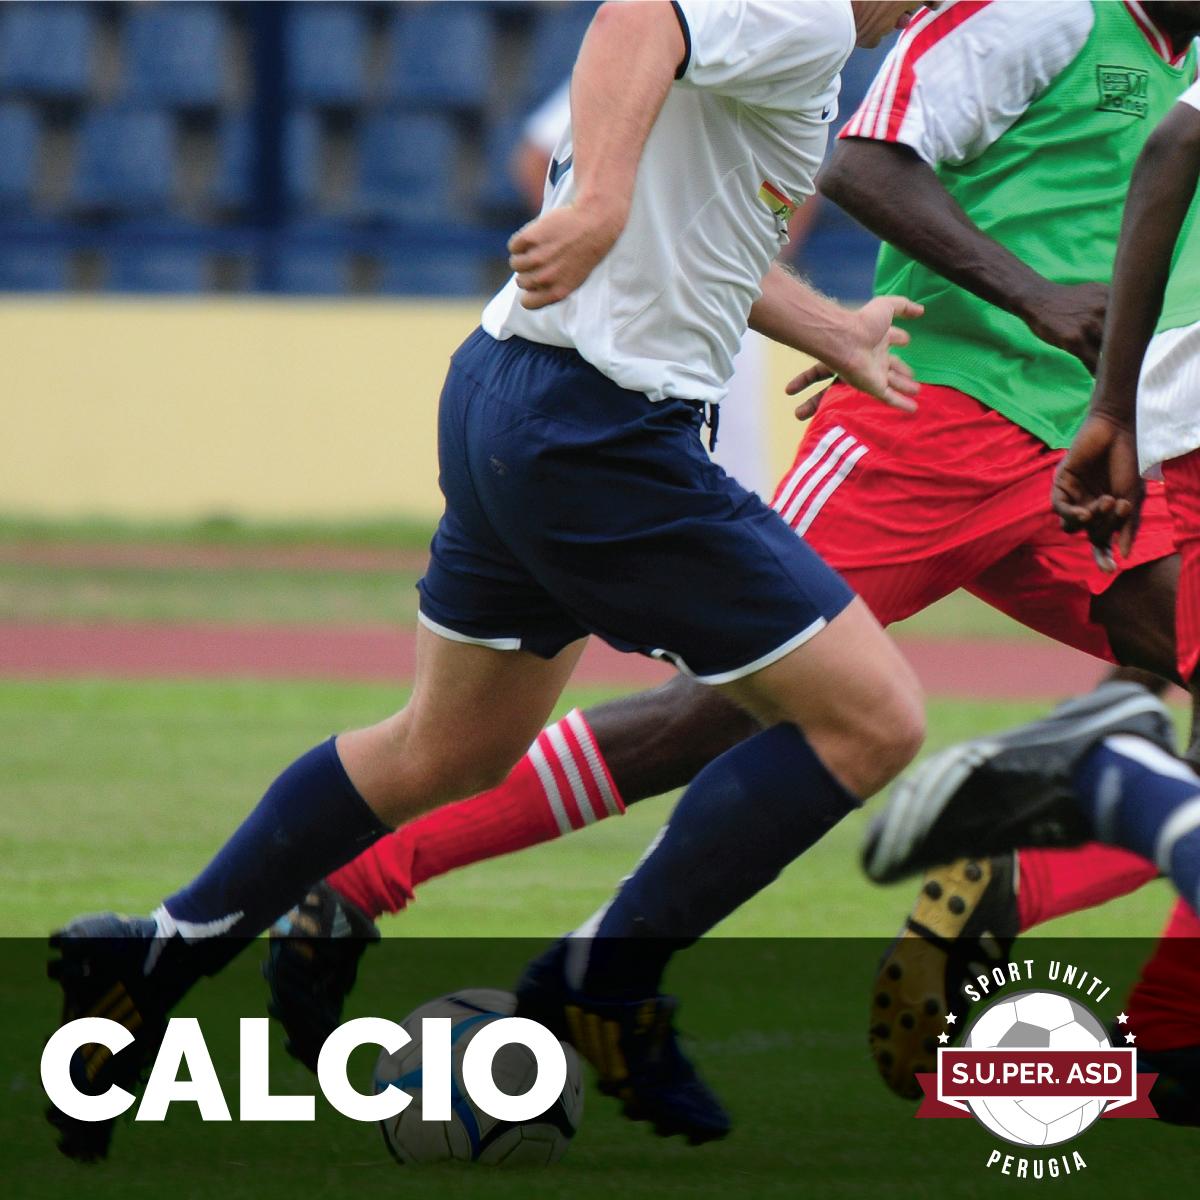 S.U.PER. ASD - Calcio